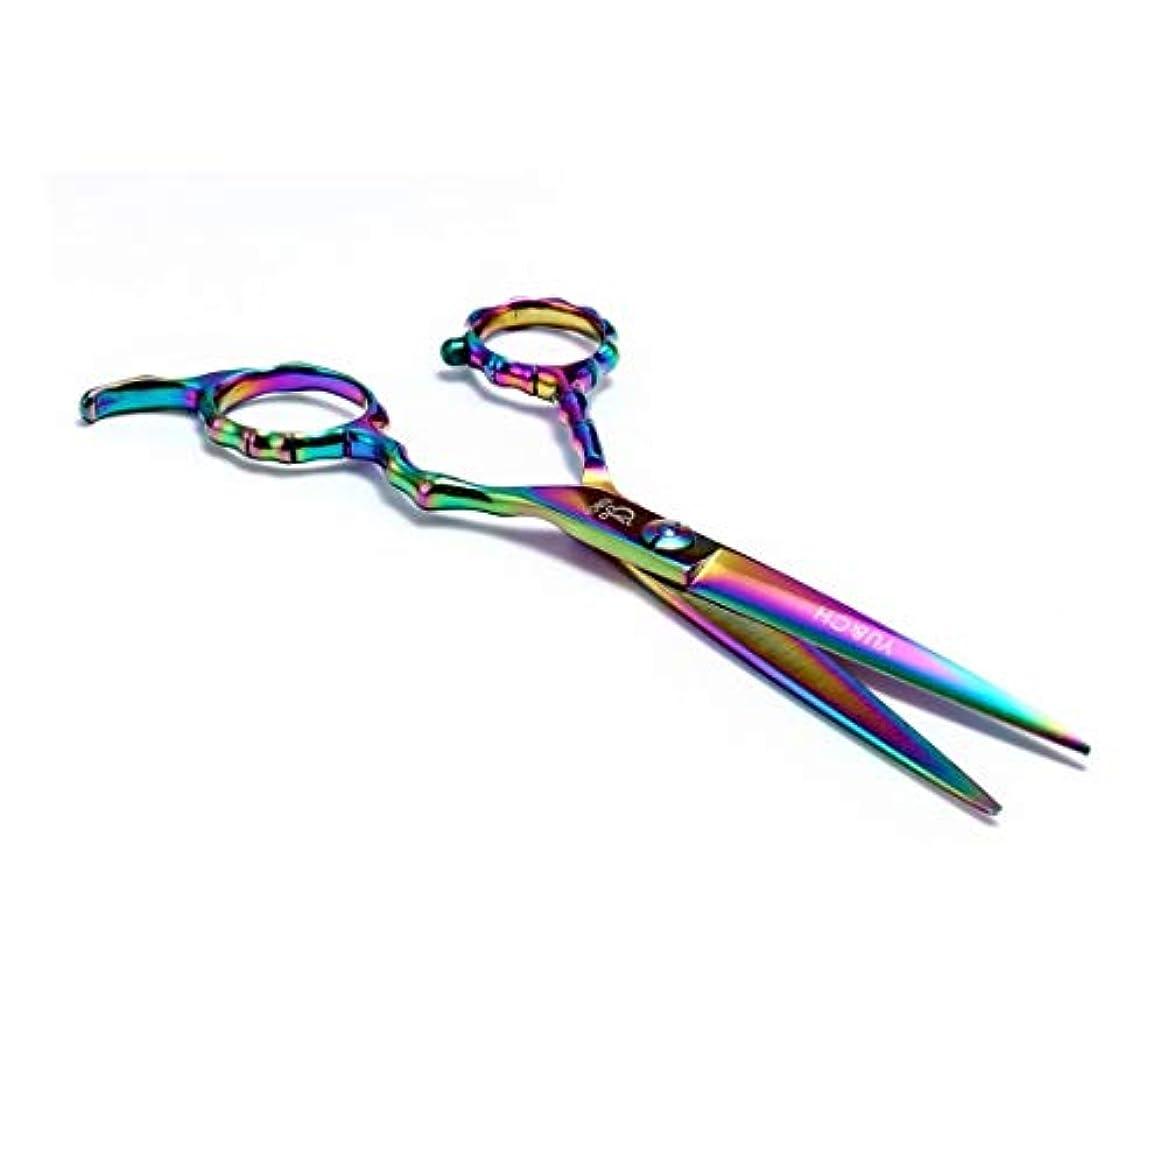 Jiaoran 6.0インチ竹ハンドルカラー理髪はさみ理髪はさみフラットはさみ440鋼の切れ味